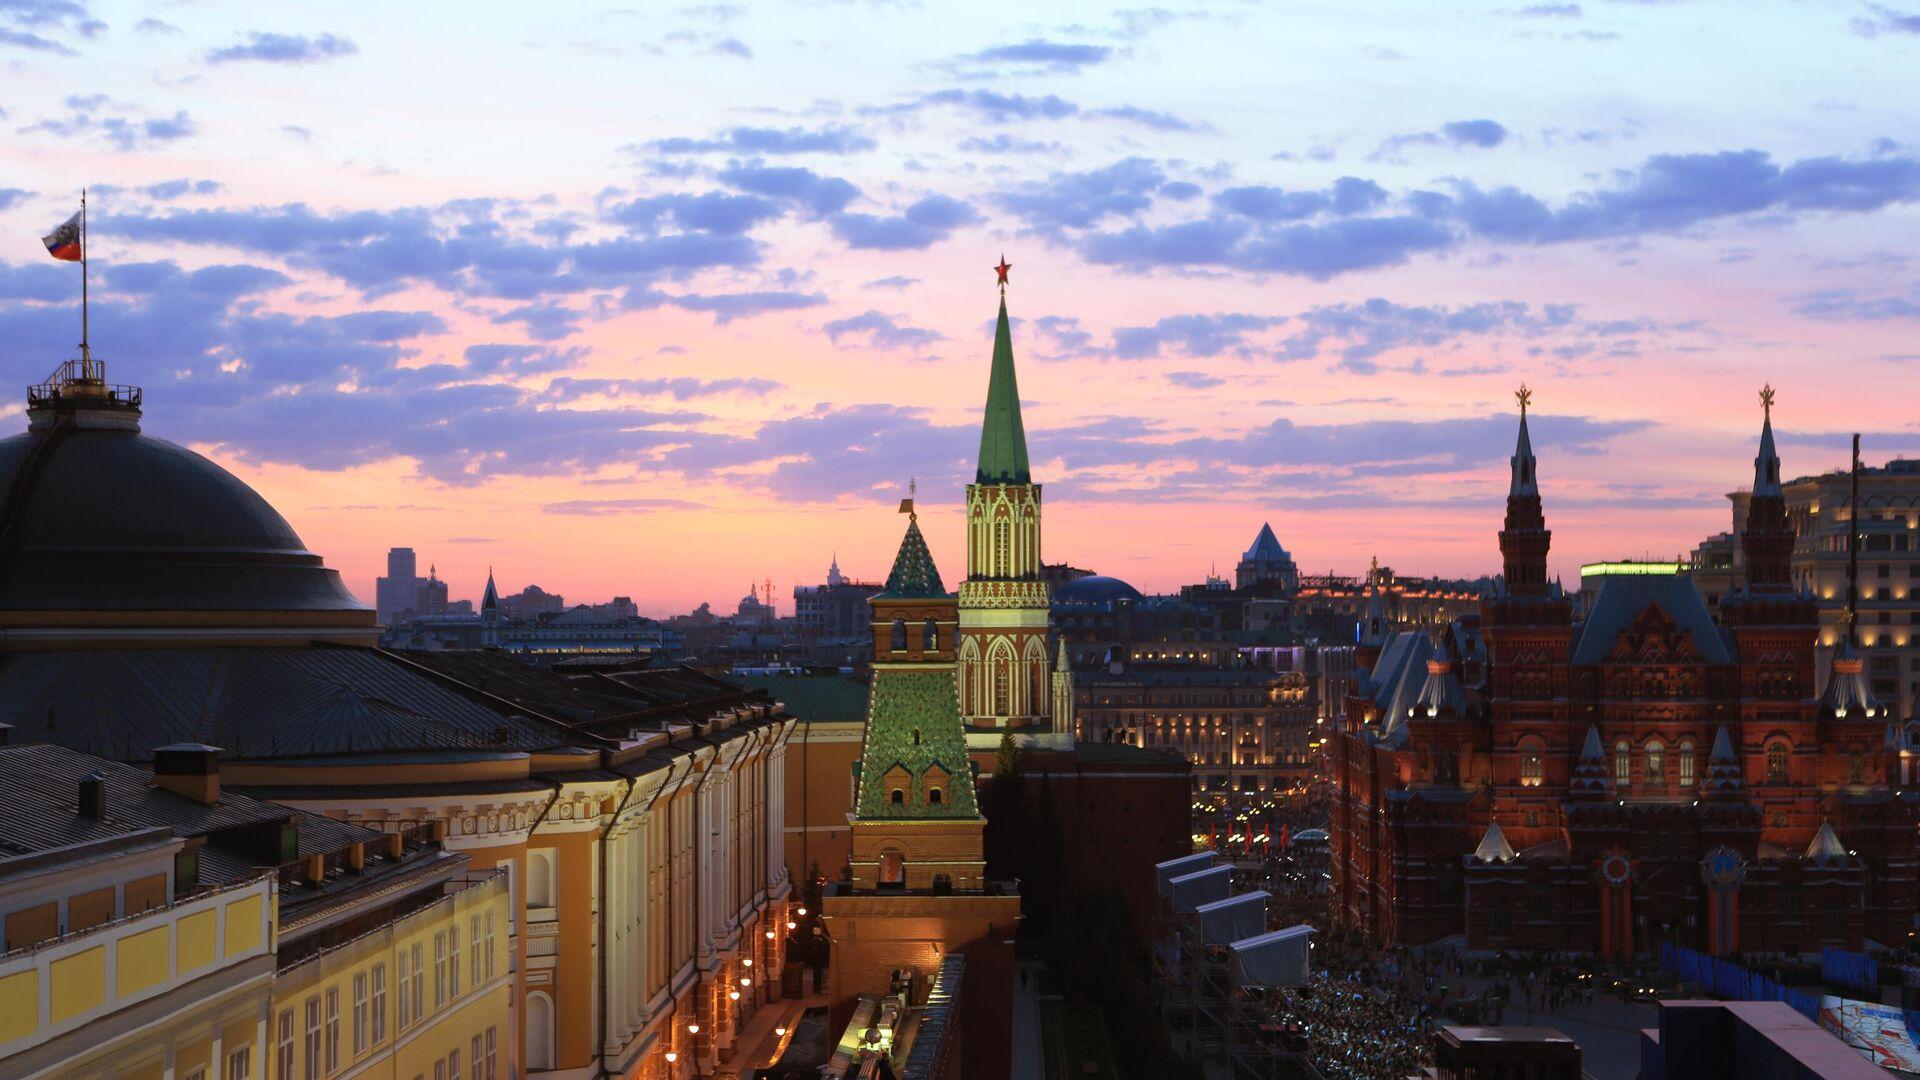 Московский Кремль - РИА Новости, 1920, 06.08.2020